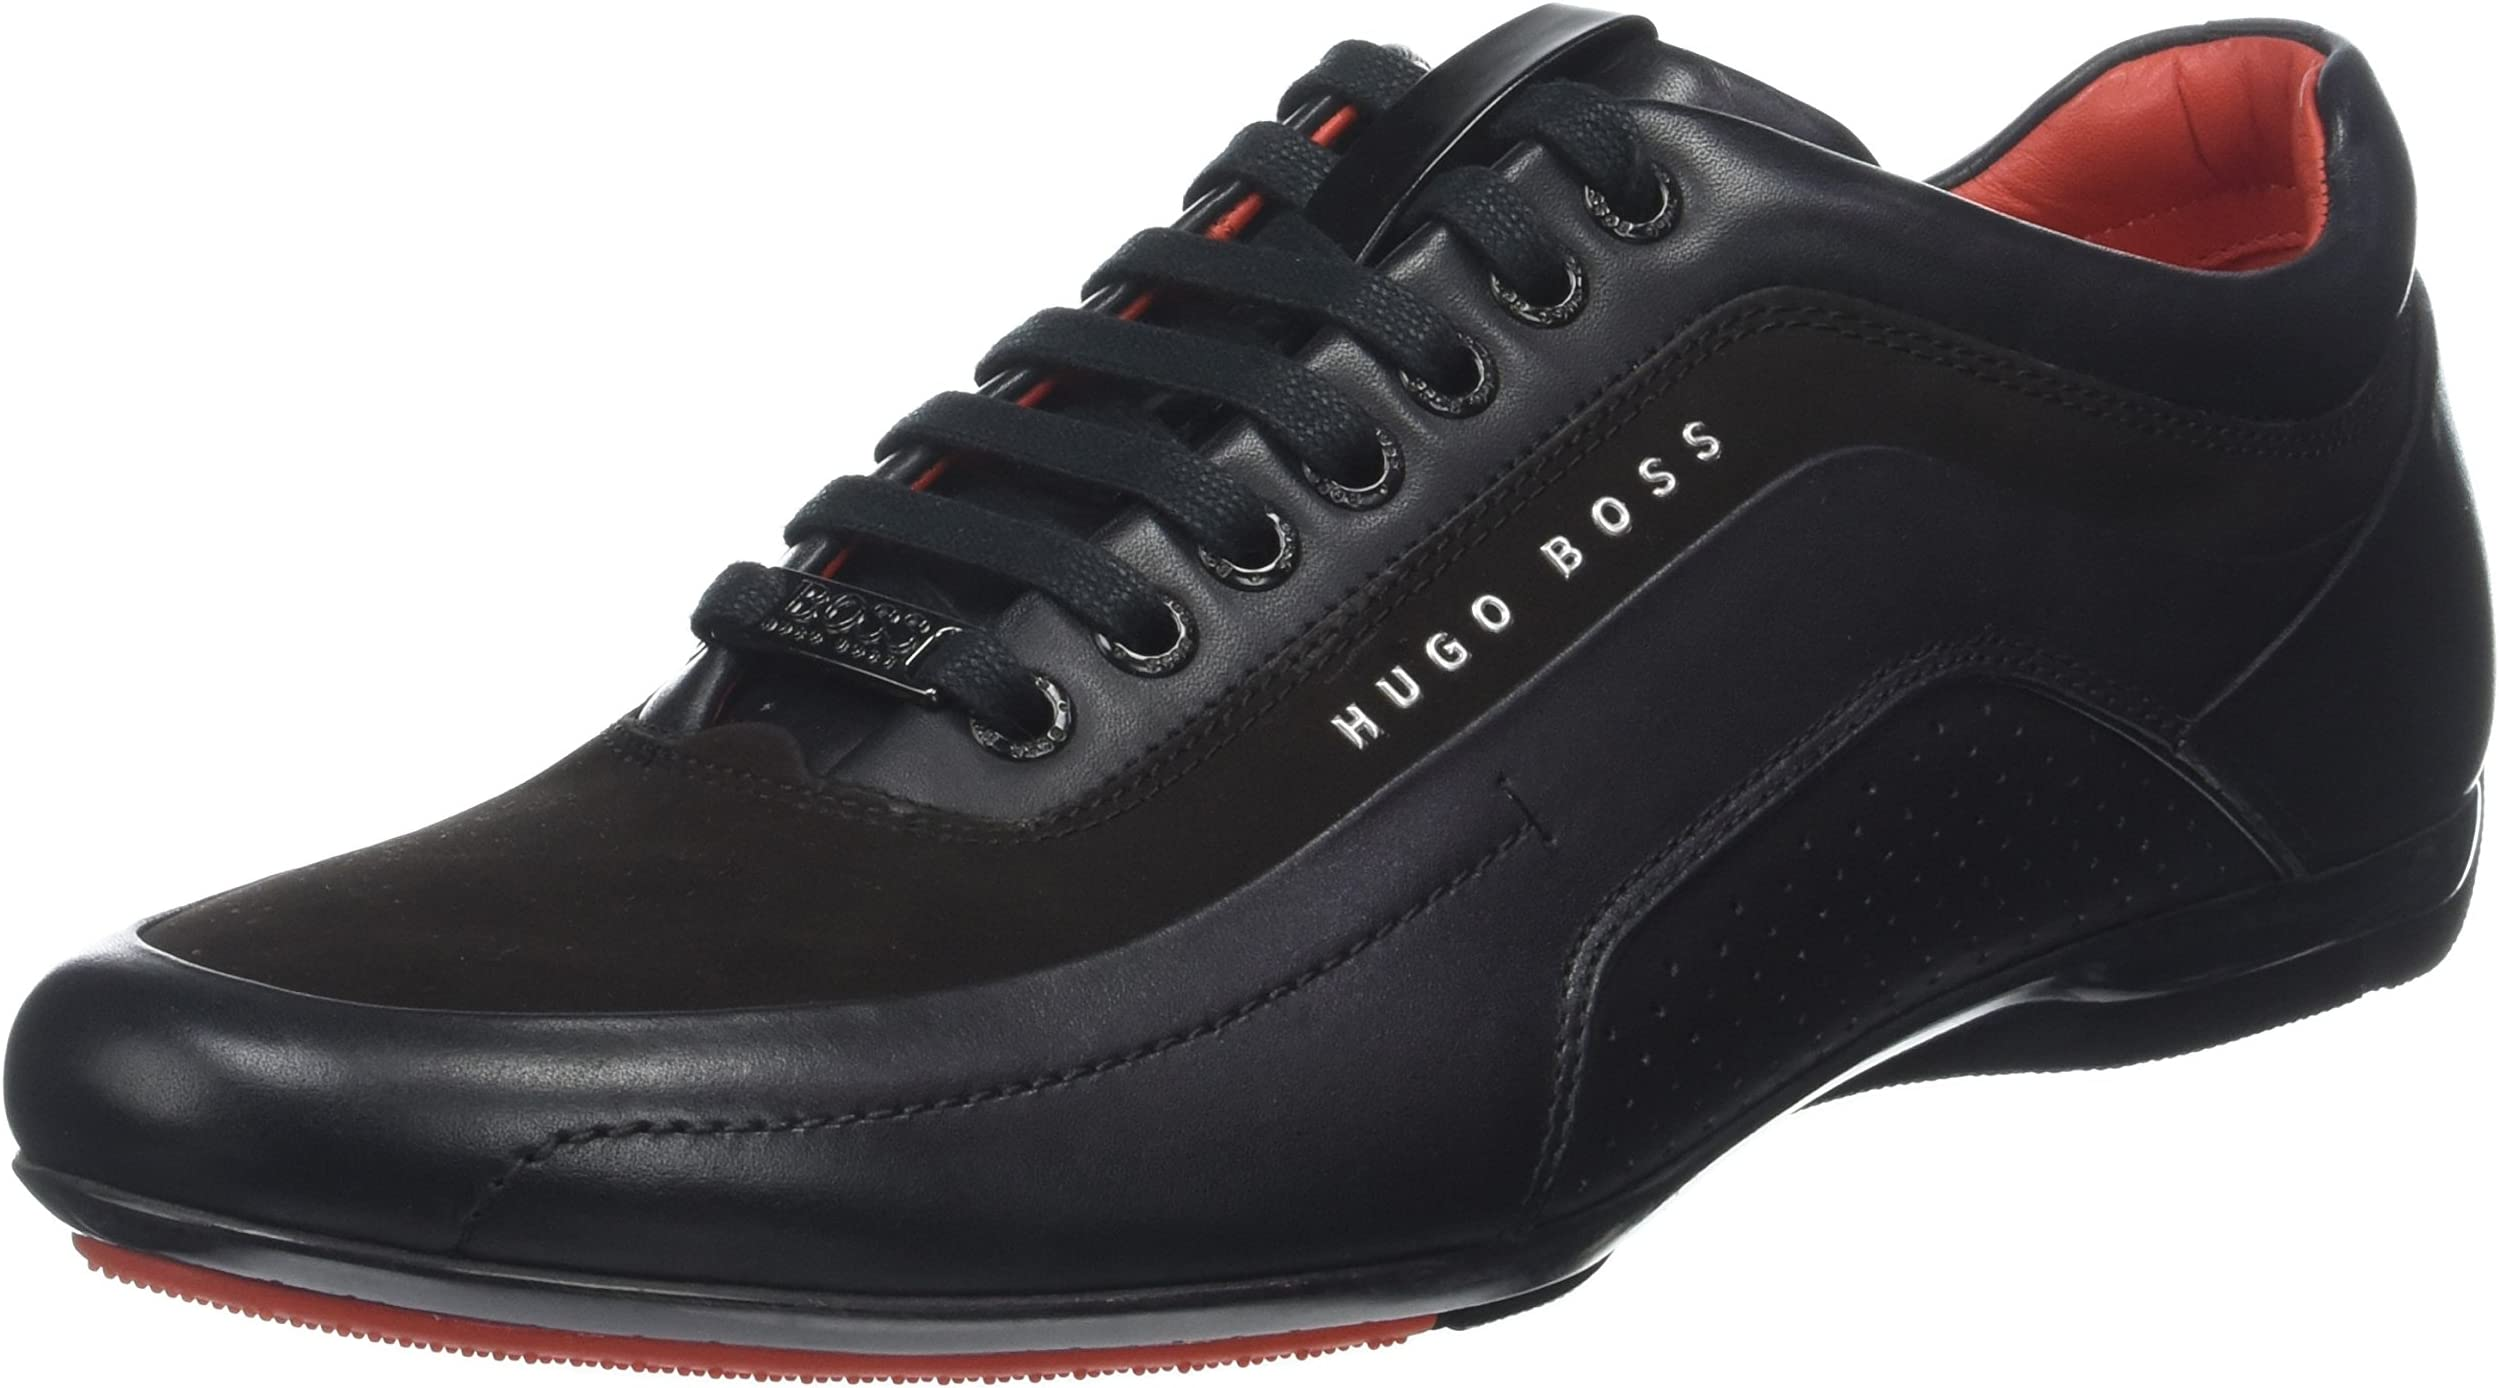 herrensneaker einkaufen auf amazon fashion  boss herren hb racing sneaker